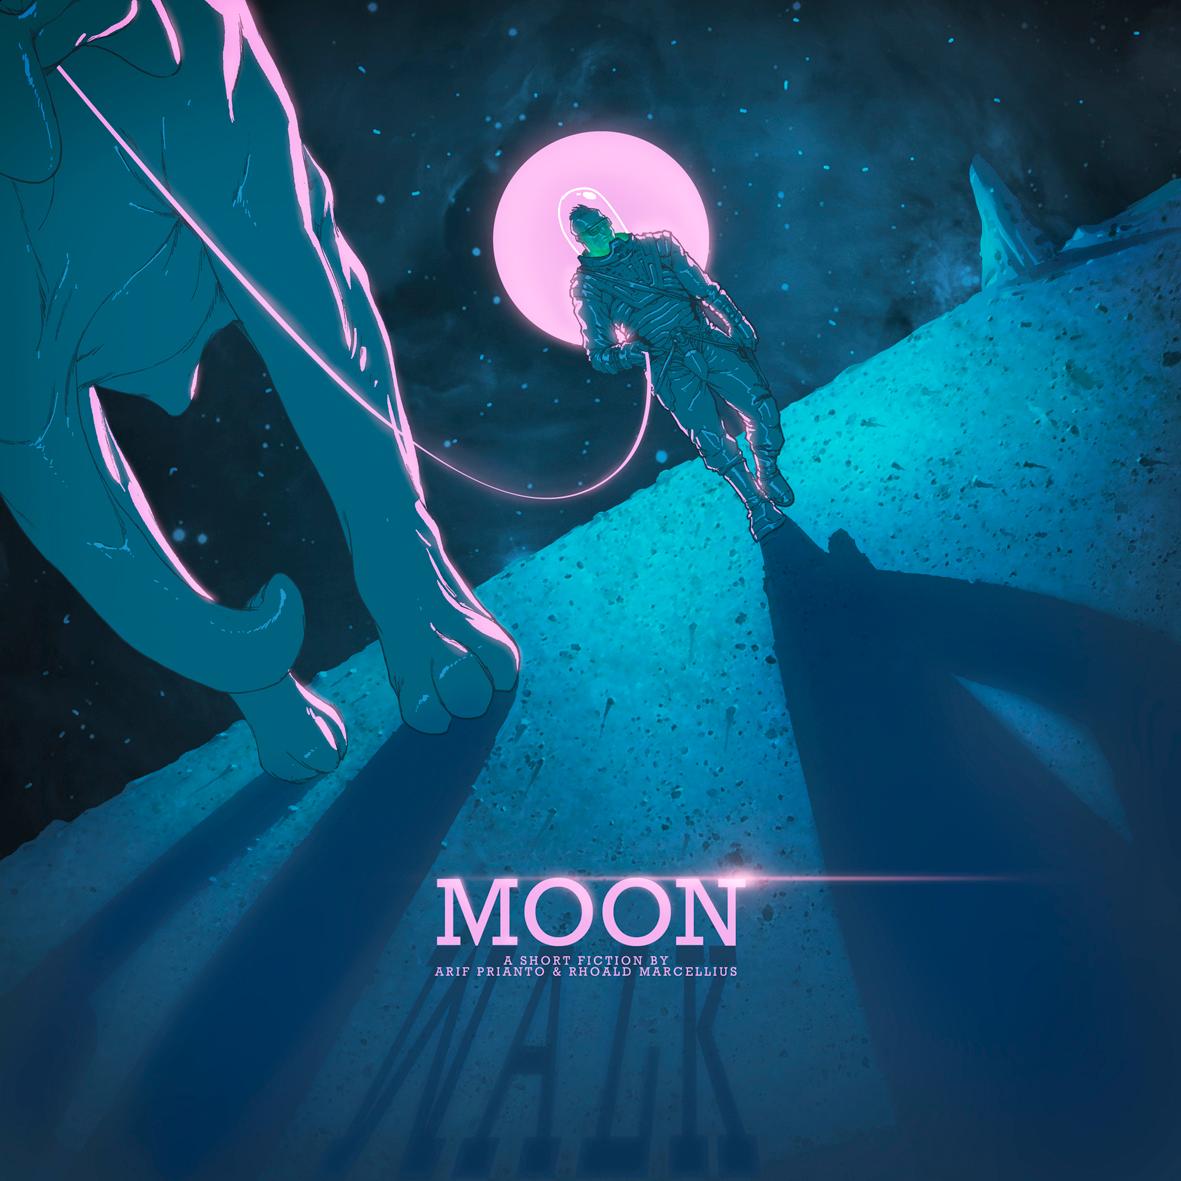 Moon by arf